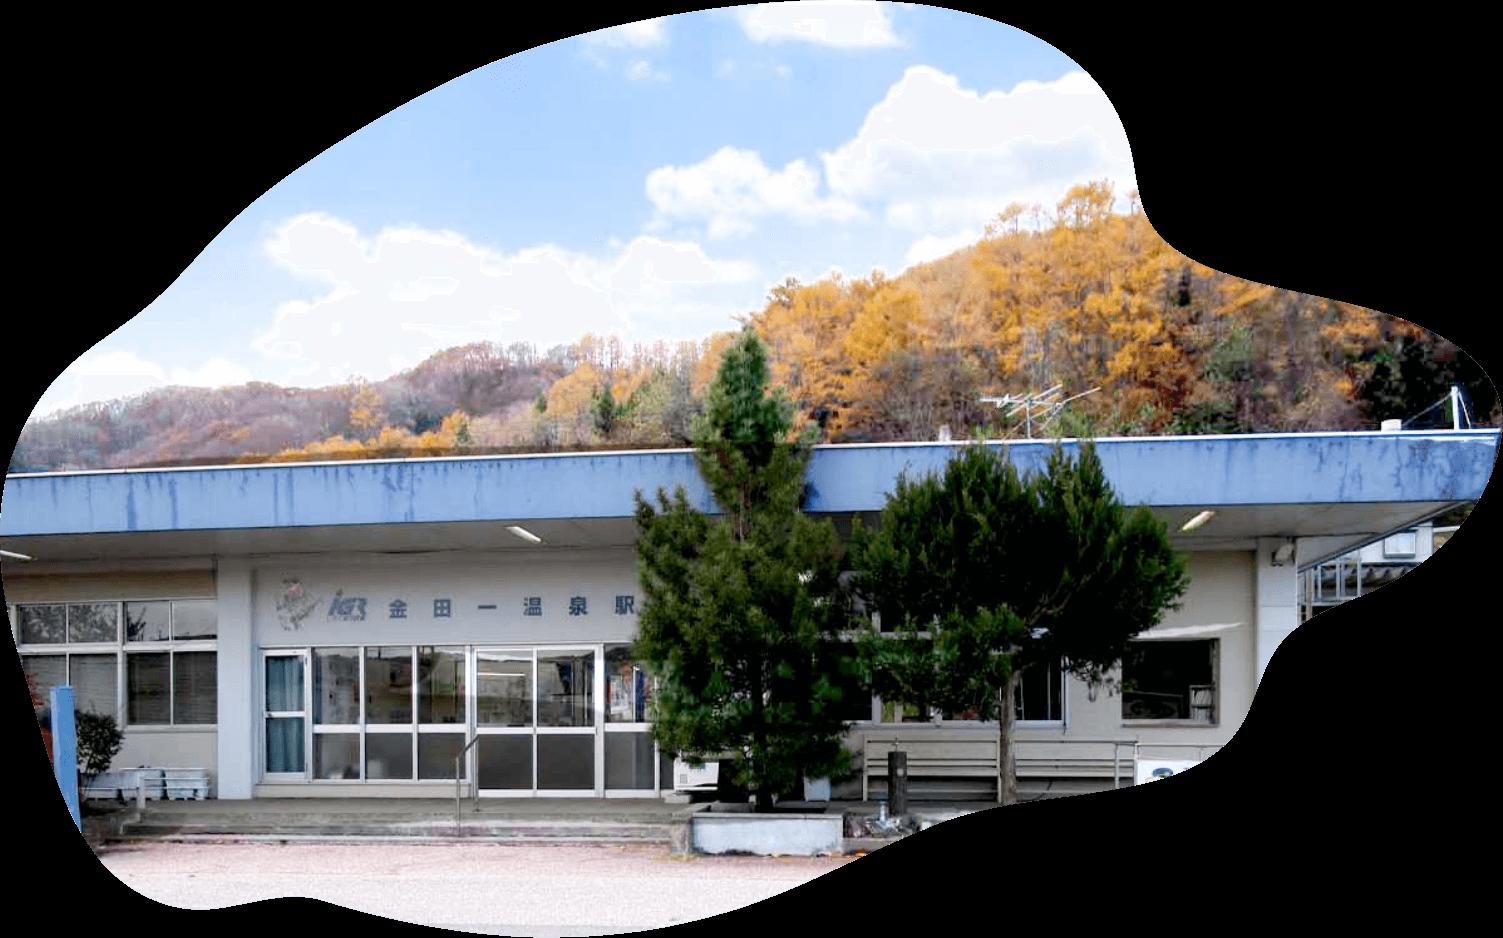 金田一温泉駅に到着の画像